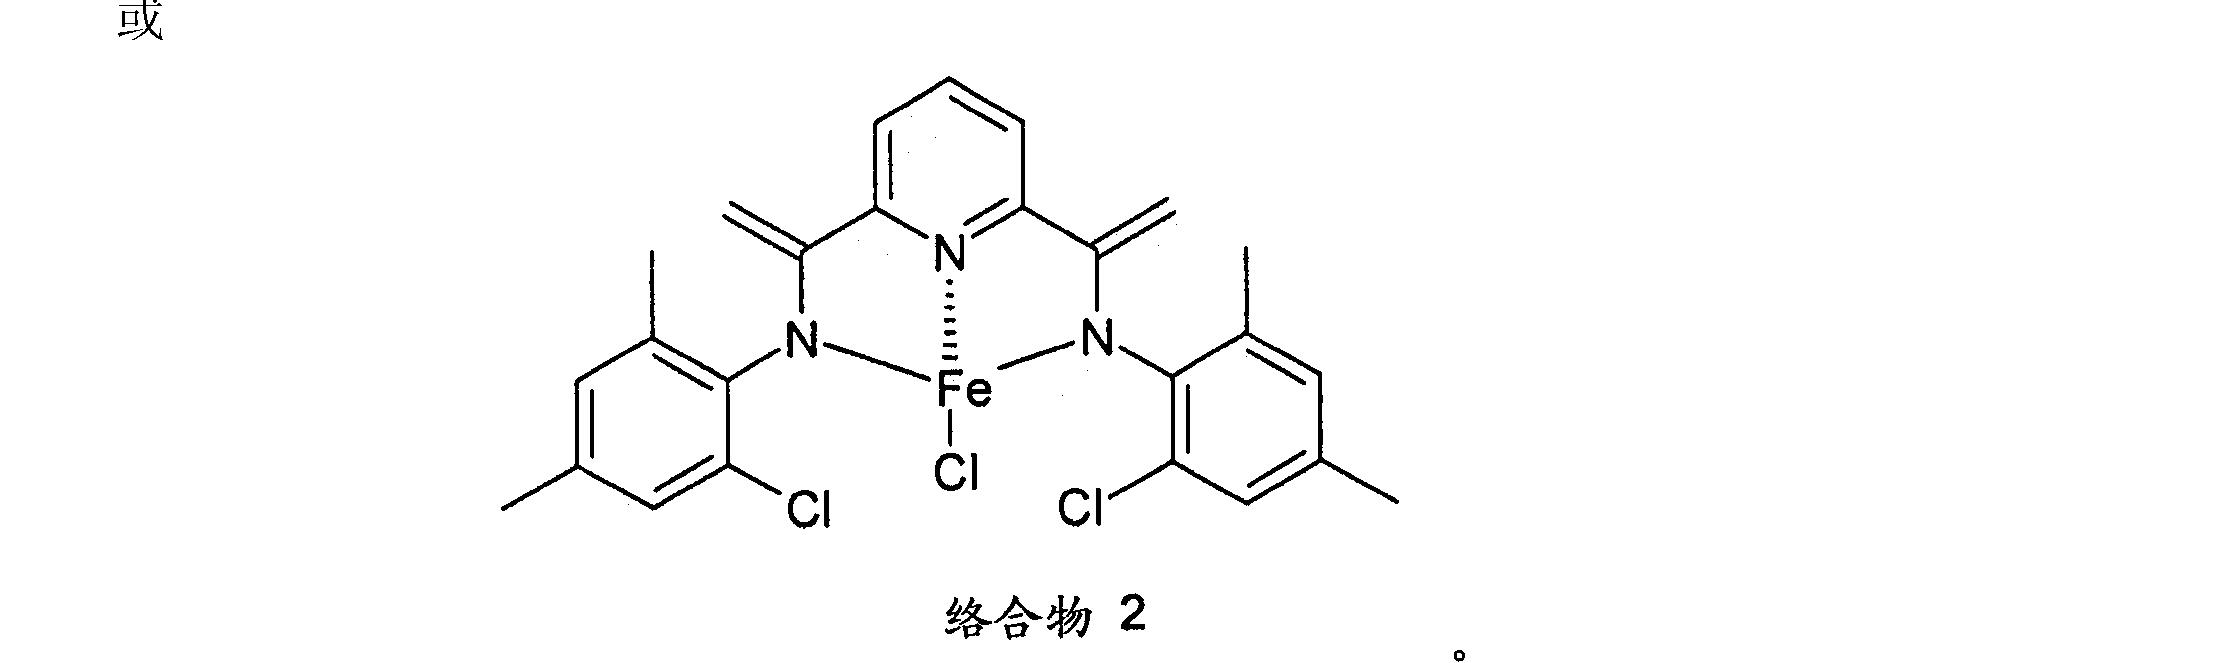 Figure CN101652178BC00041